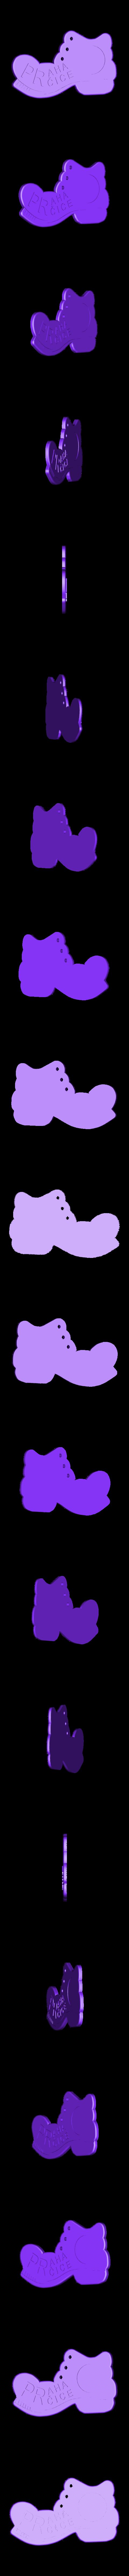 PPP____.stl Télécharger fichier STL gratuit Botička / Chaussure (récompense du voyage de randonnée tchèque Praha - Prčice) • Design imprimable en 3D, tomast